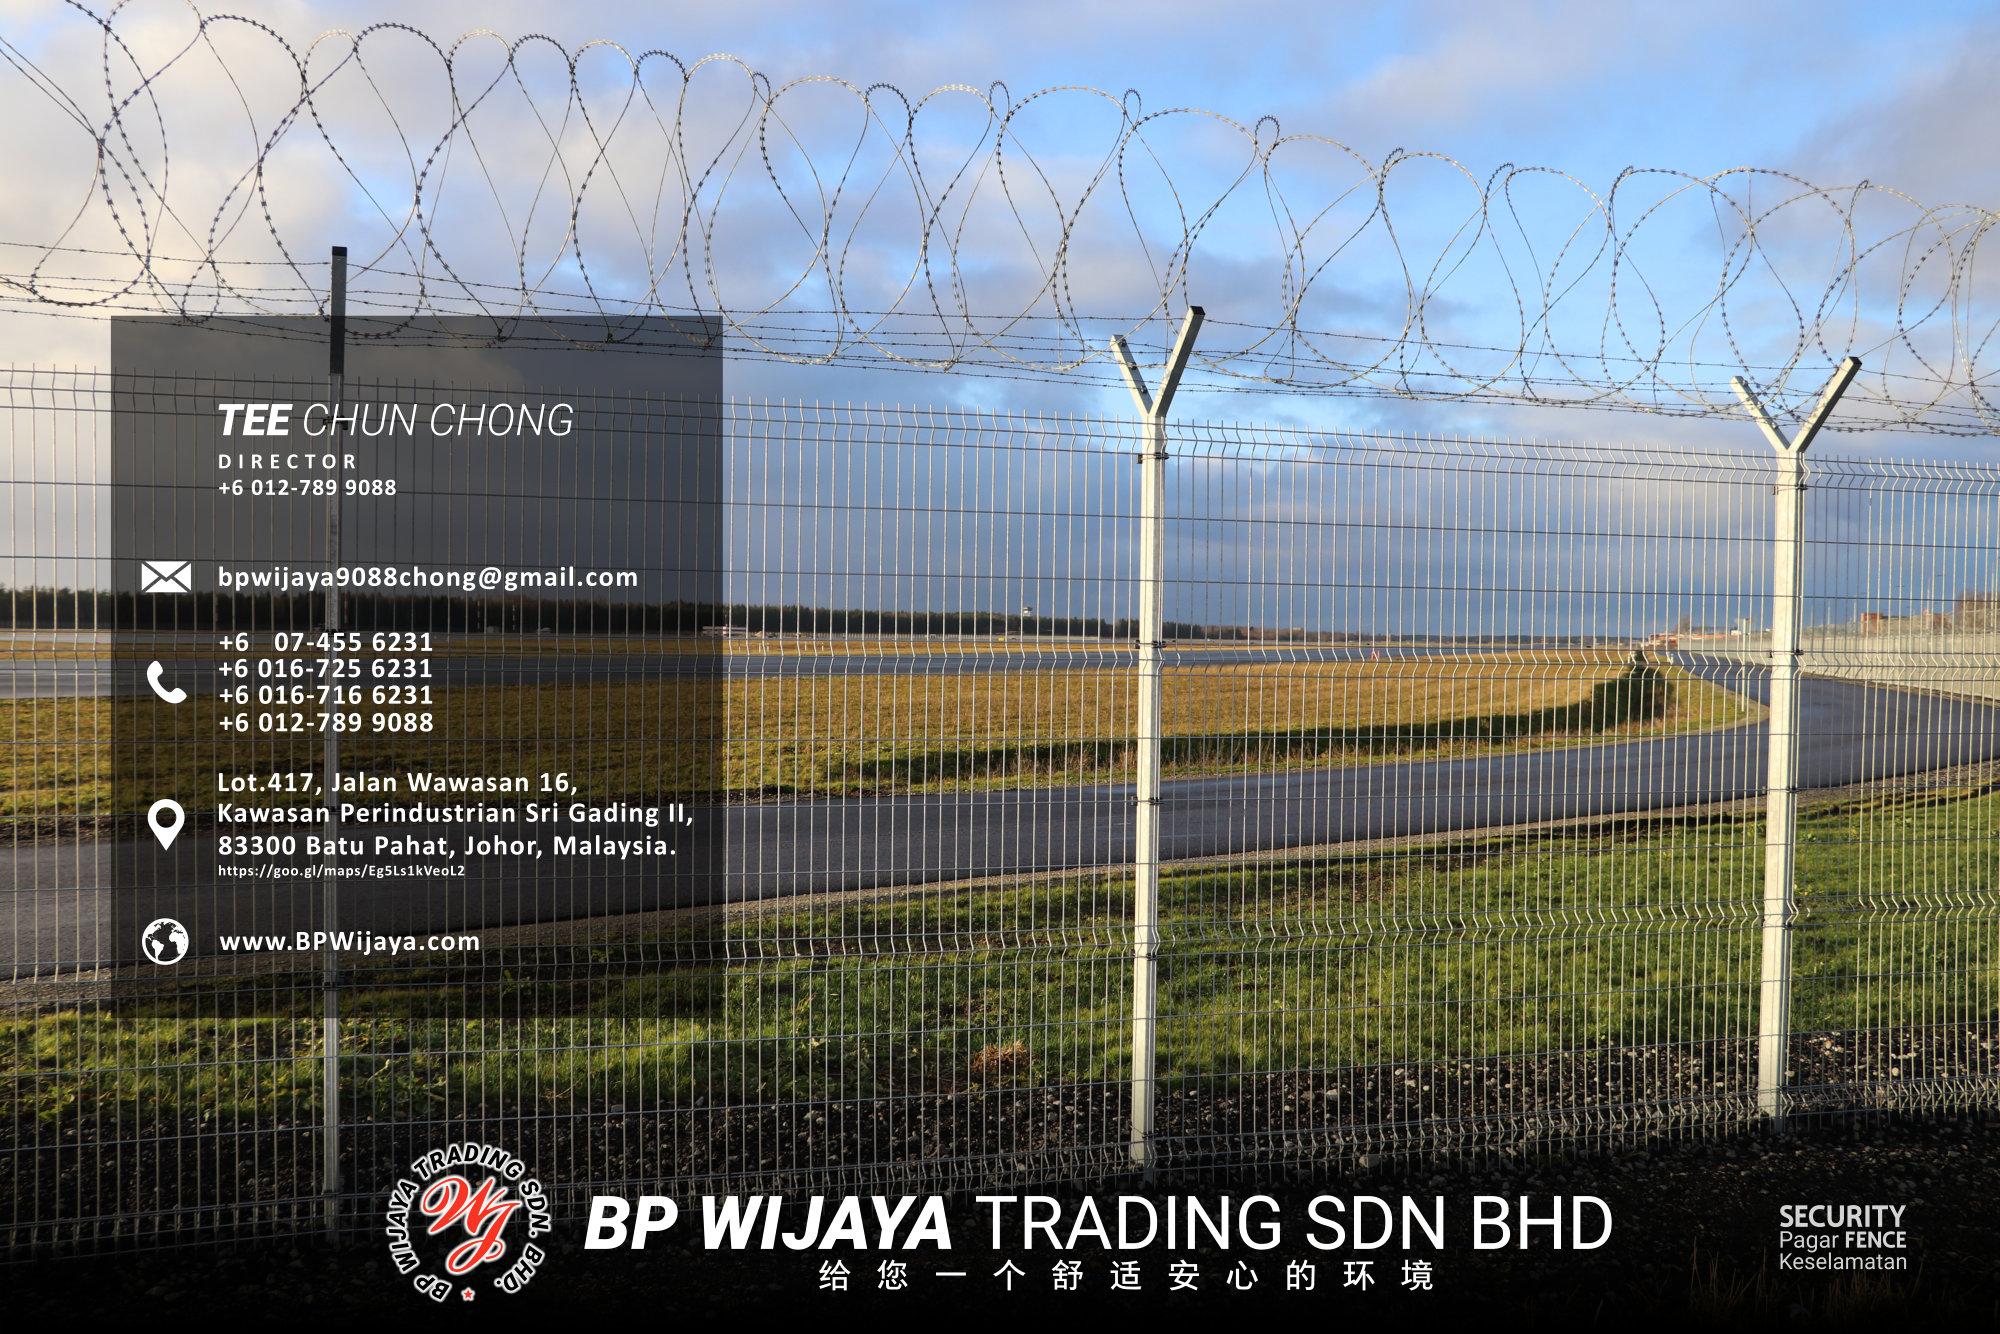 吉隆坡安全篱笆供应商 - 我们是安全篱笆制造商 BP Wijaya Trading Sdn Bhd 住家围栏篱笆 提供 吉隆坡篱笆 建筑材料 给 发展商 花园 公寓 住家 工厂 农场 果园 安全藩篱 建设 A03-015